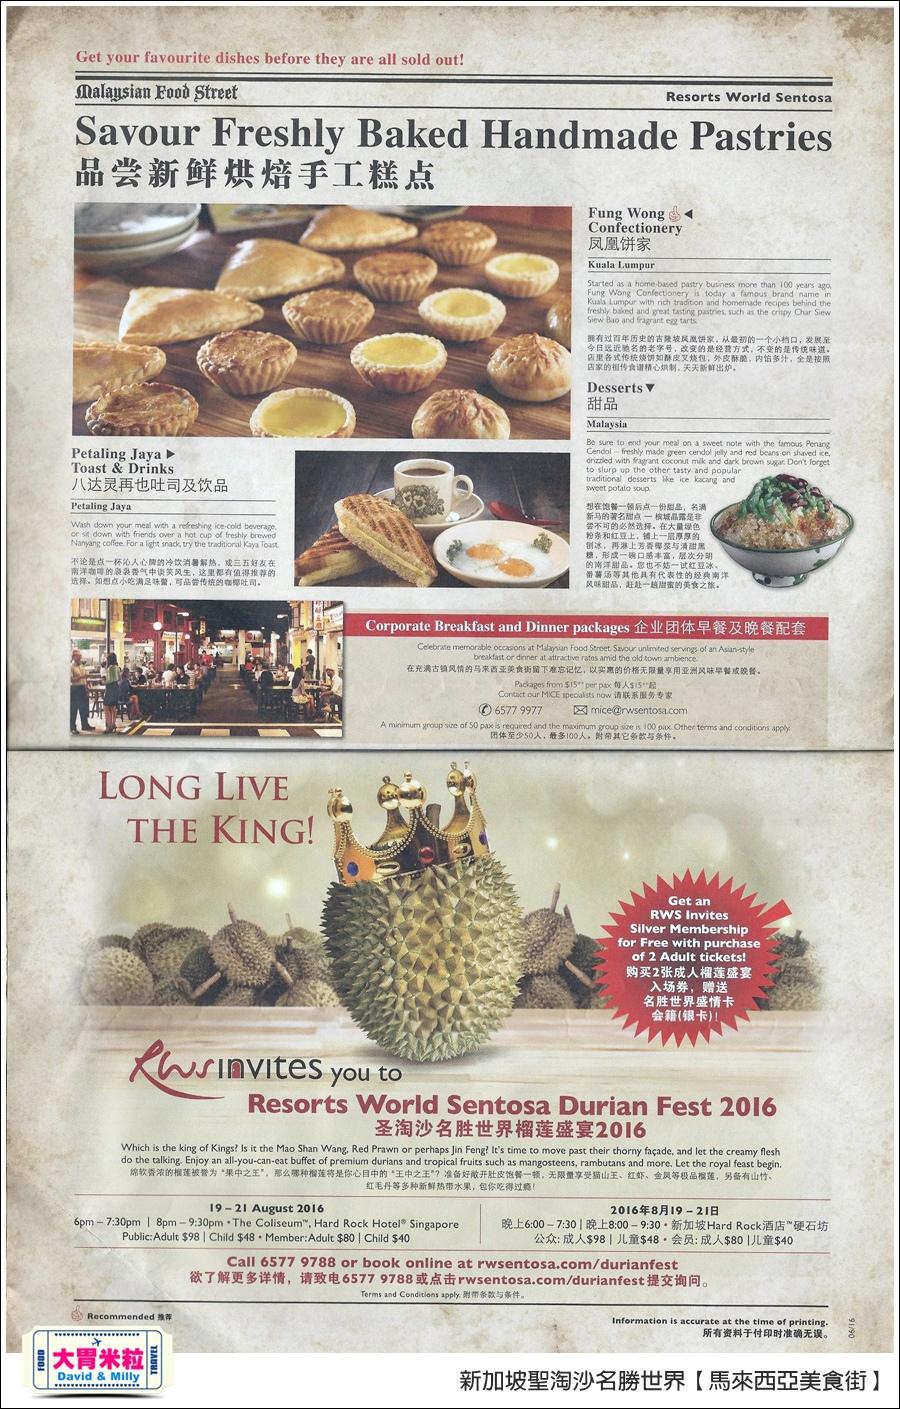 新加坡聖淘沙名勝世界必吃美食@馬來西亞美食街@大胃米粒0027.jpg